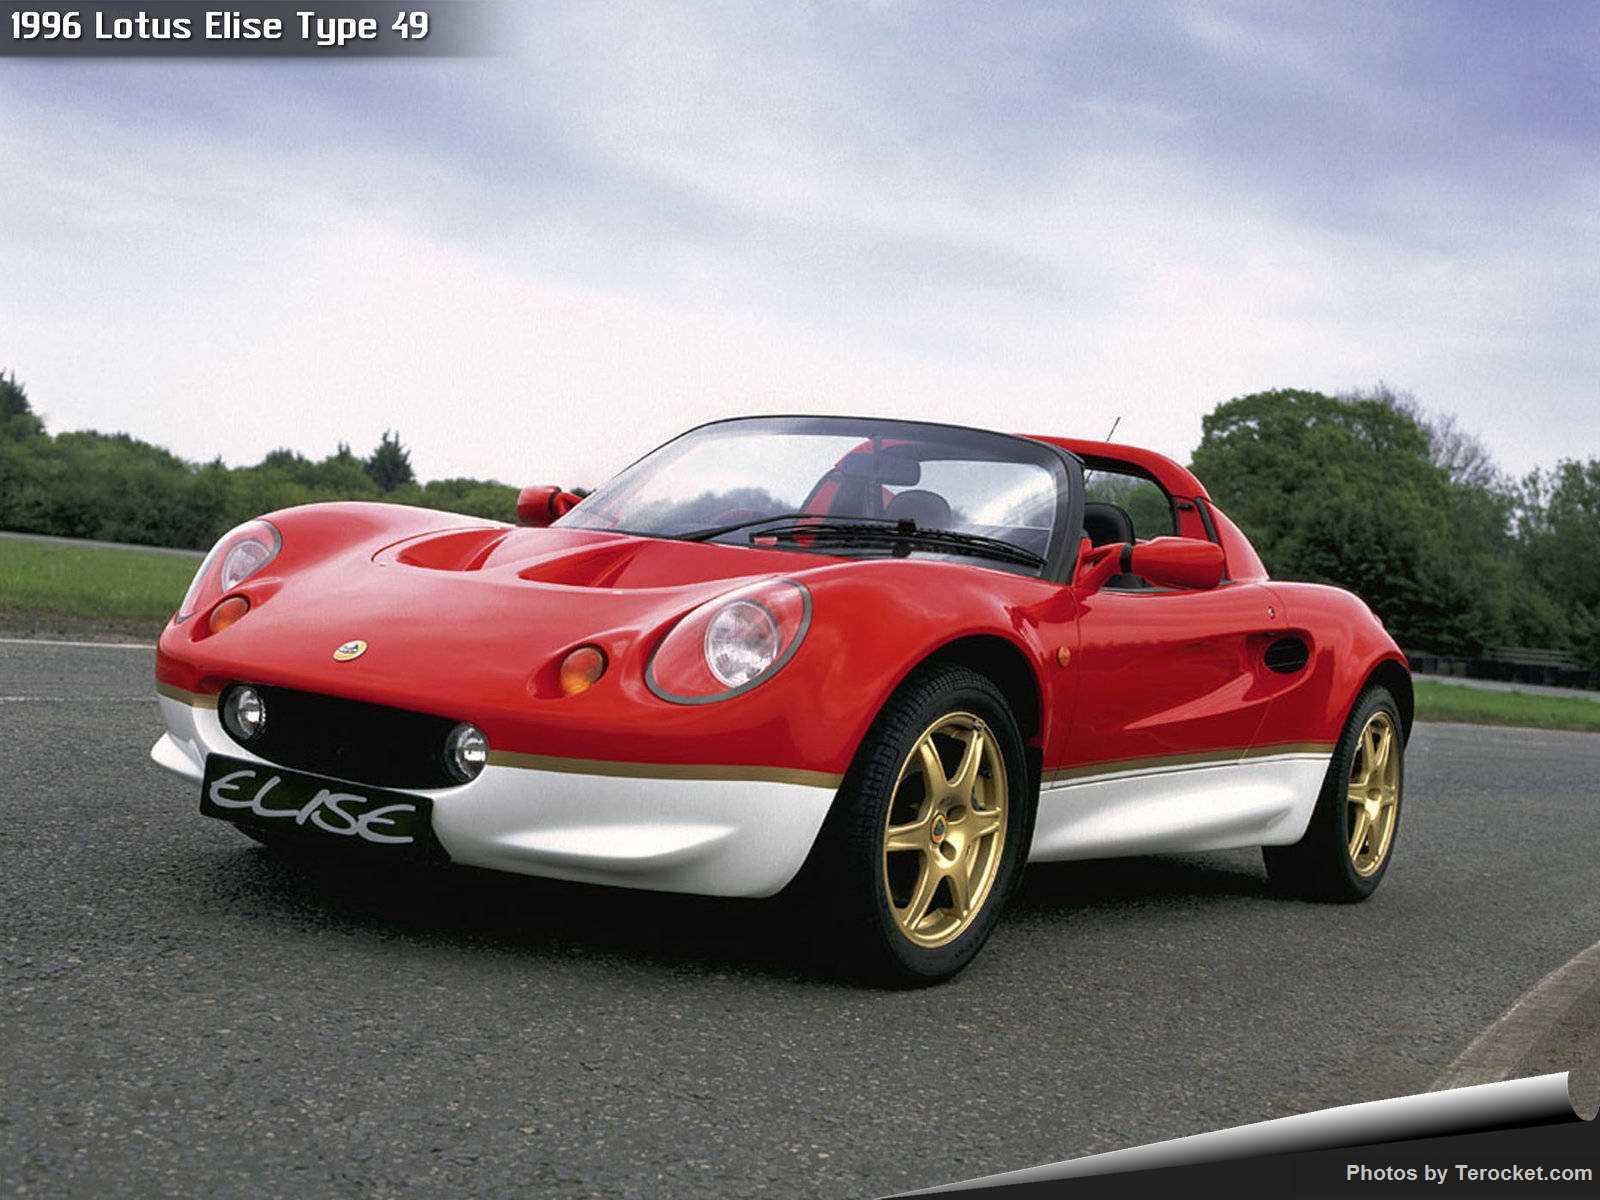 Hình ảnh siêu xe Lotus Elise Type 49 1996 & nội ngoại thất